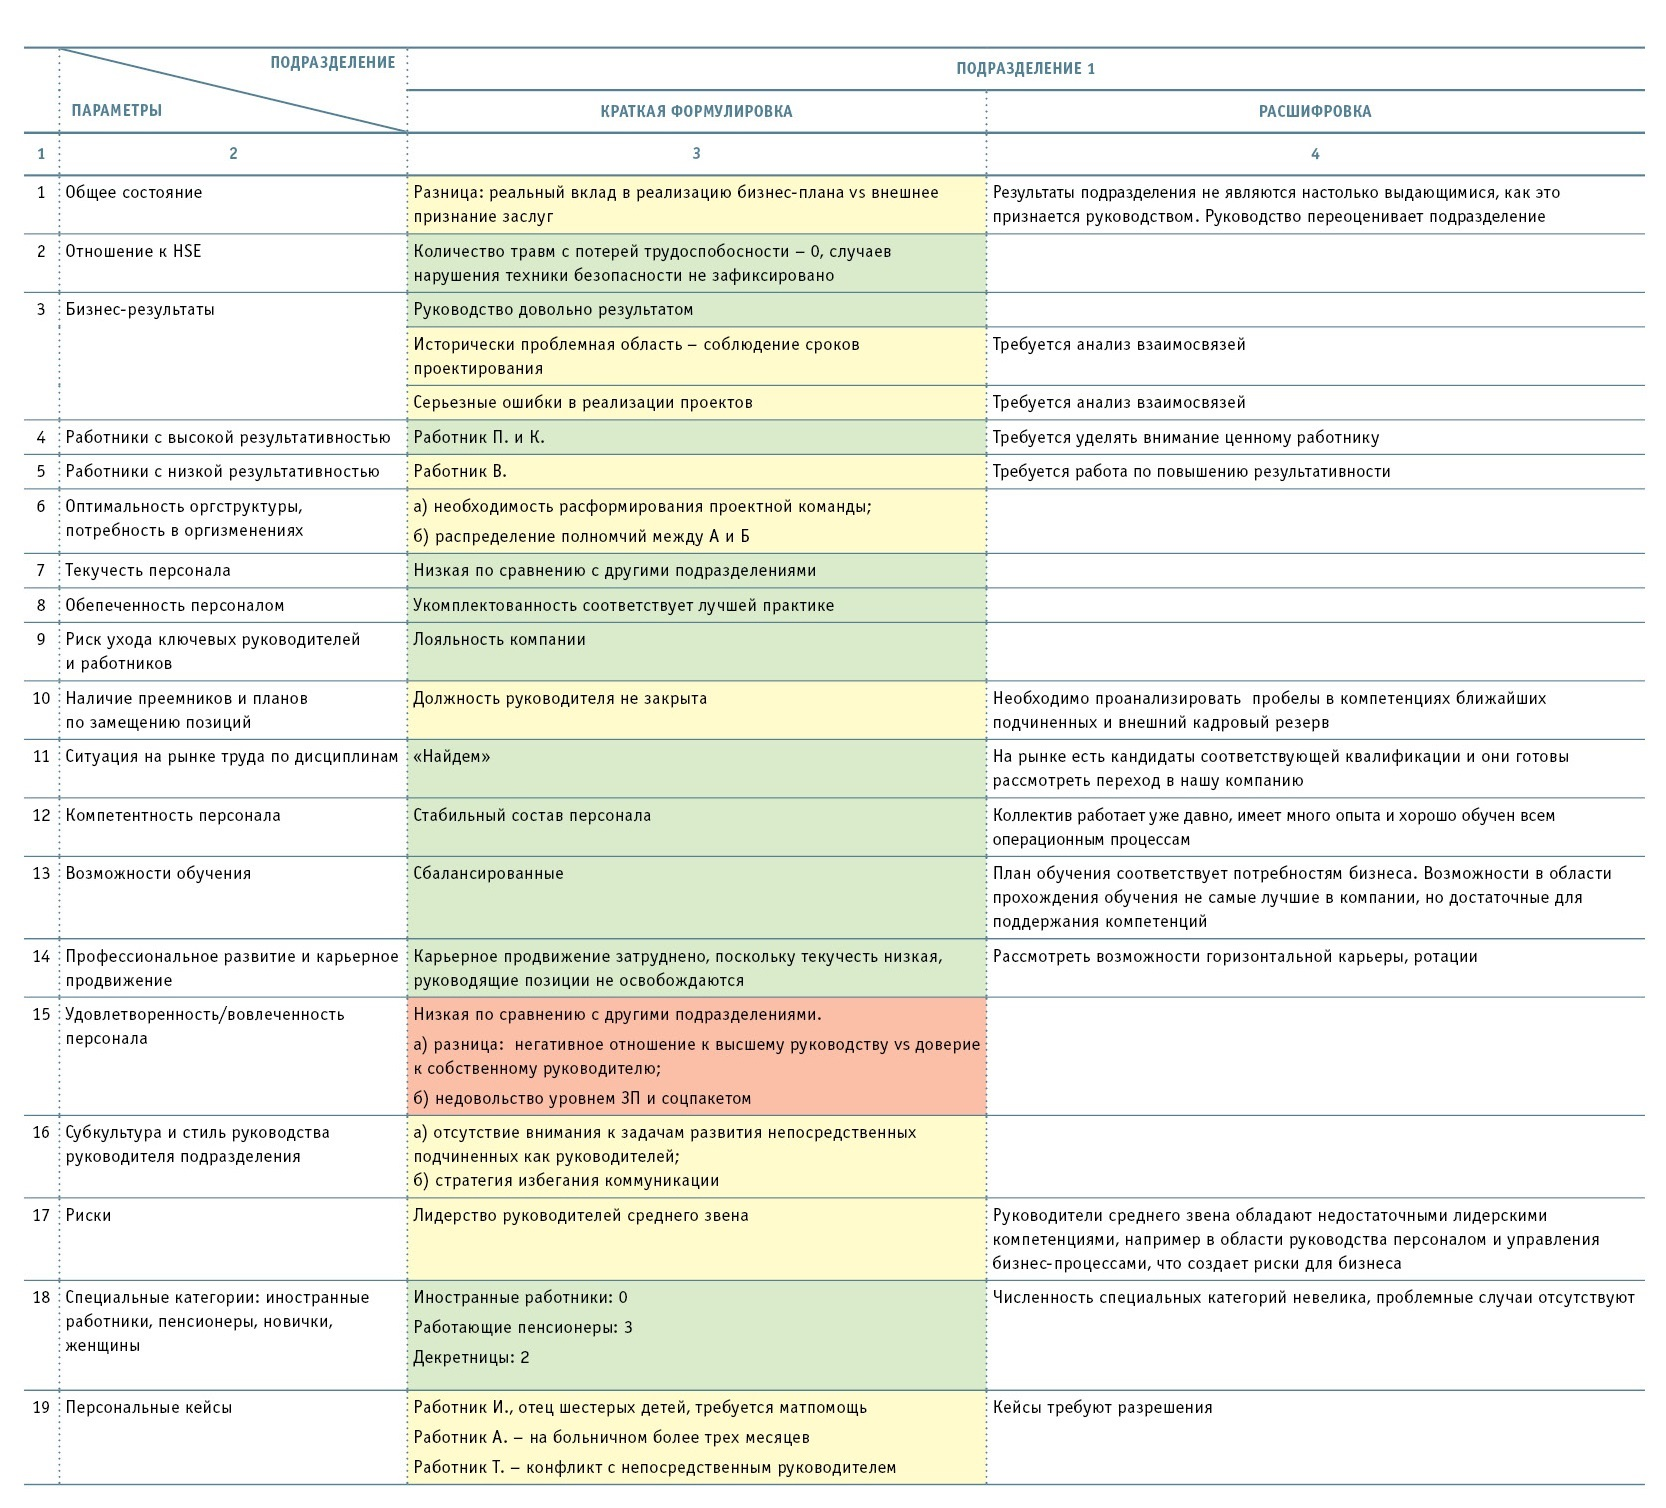 Анализ HR-рисков: методика Human Capital Review